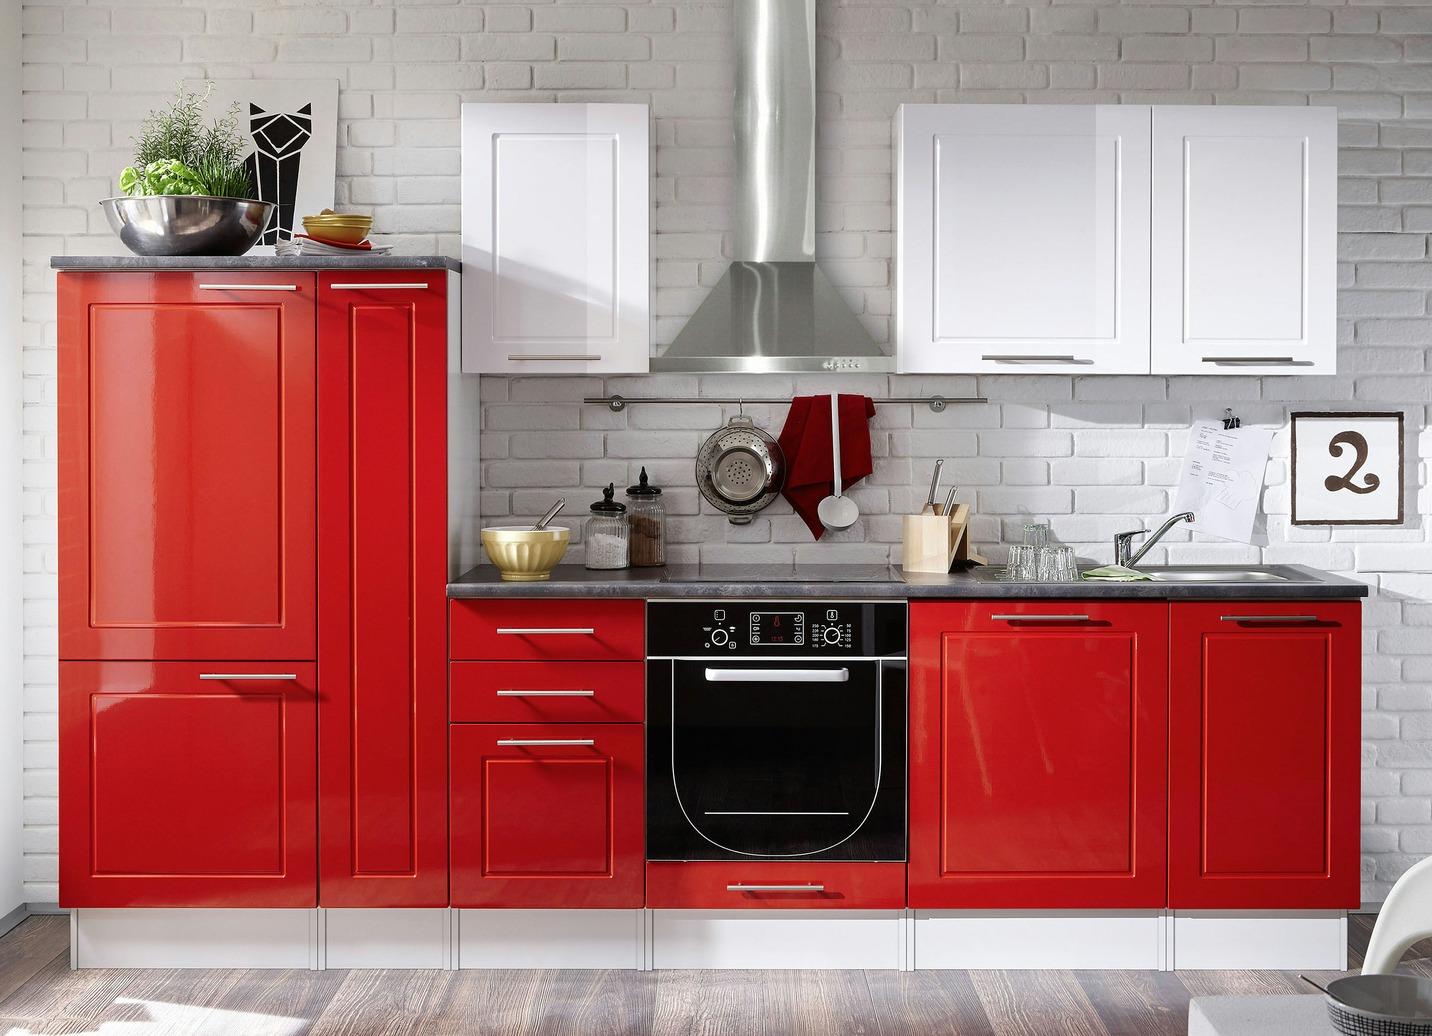 Küchenblock verschiedene Ausführungen ohne Aufbauservice Weiss-Rot